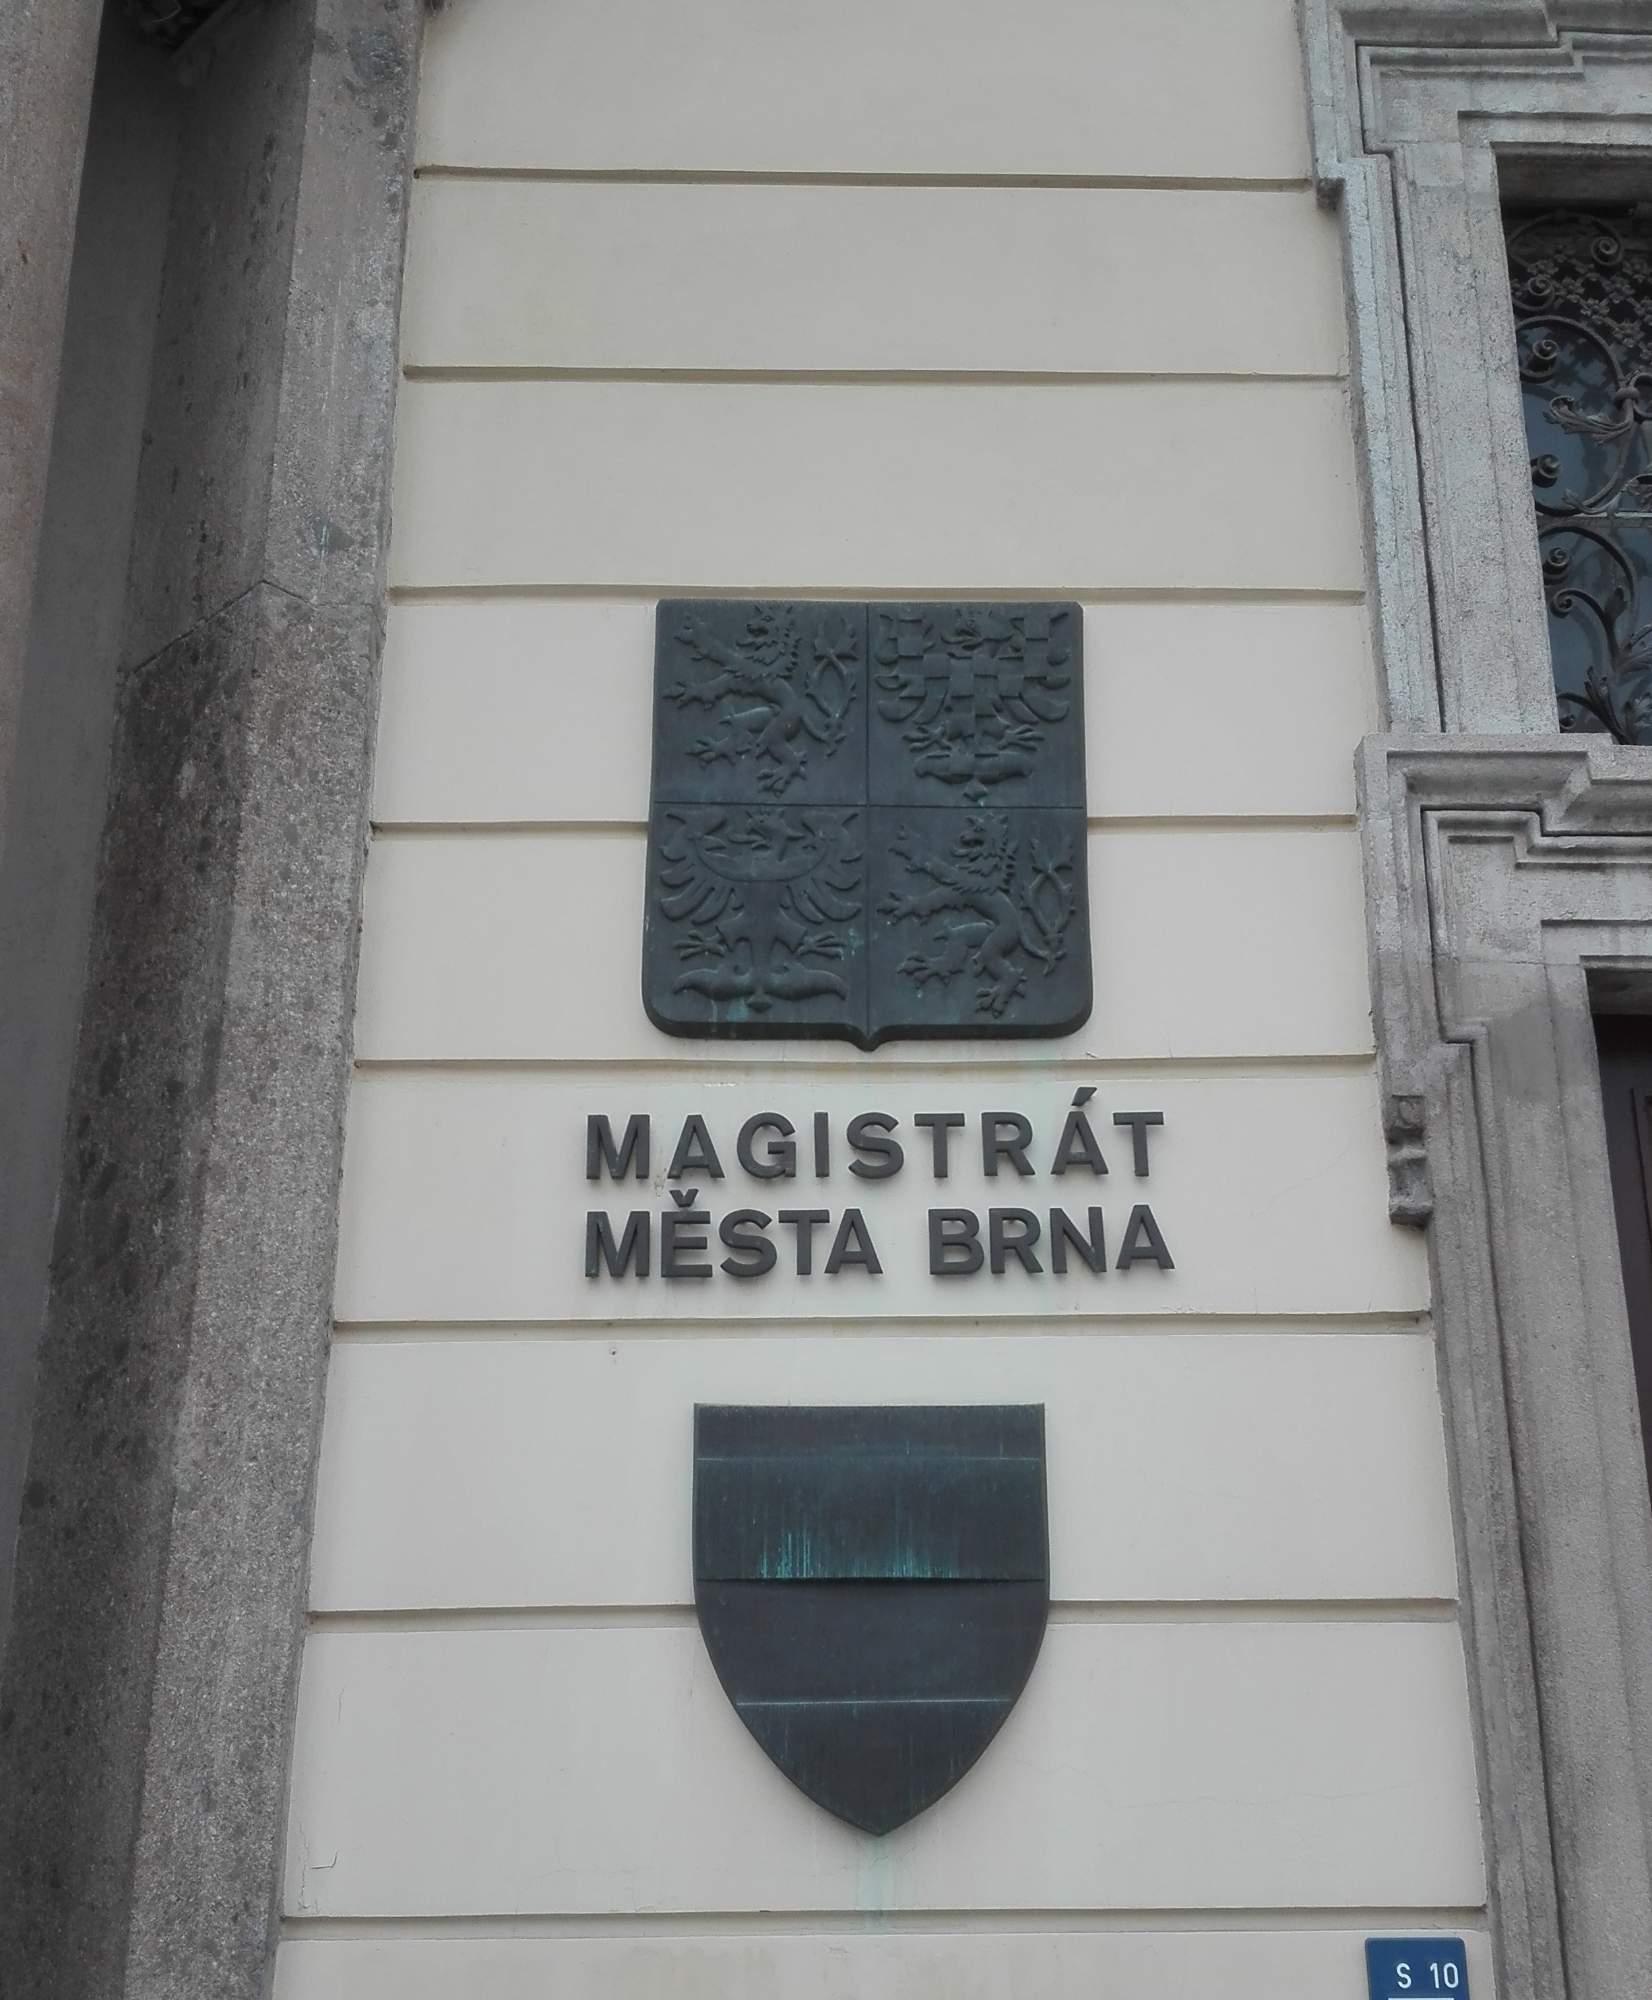 Radnice města Brna. Foto: Patrik Švec